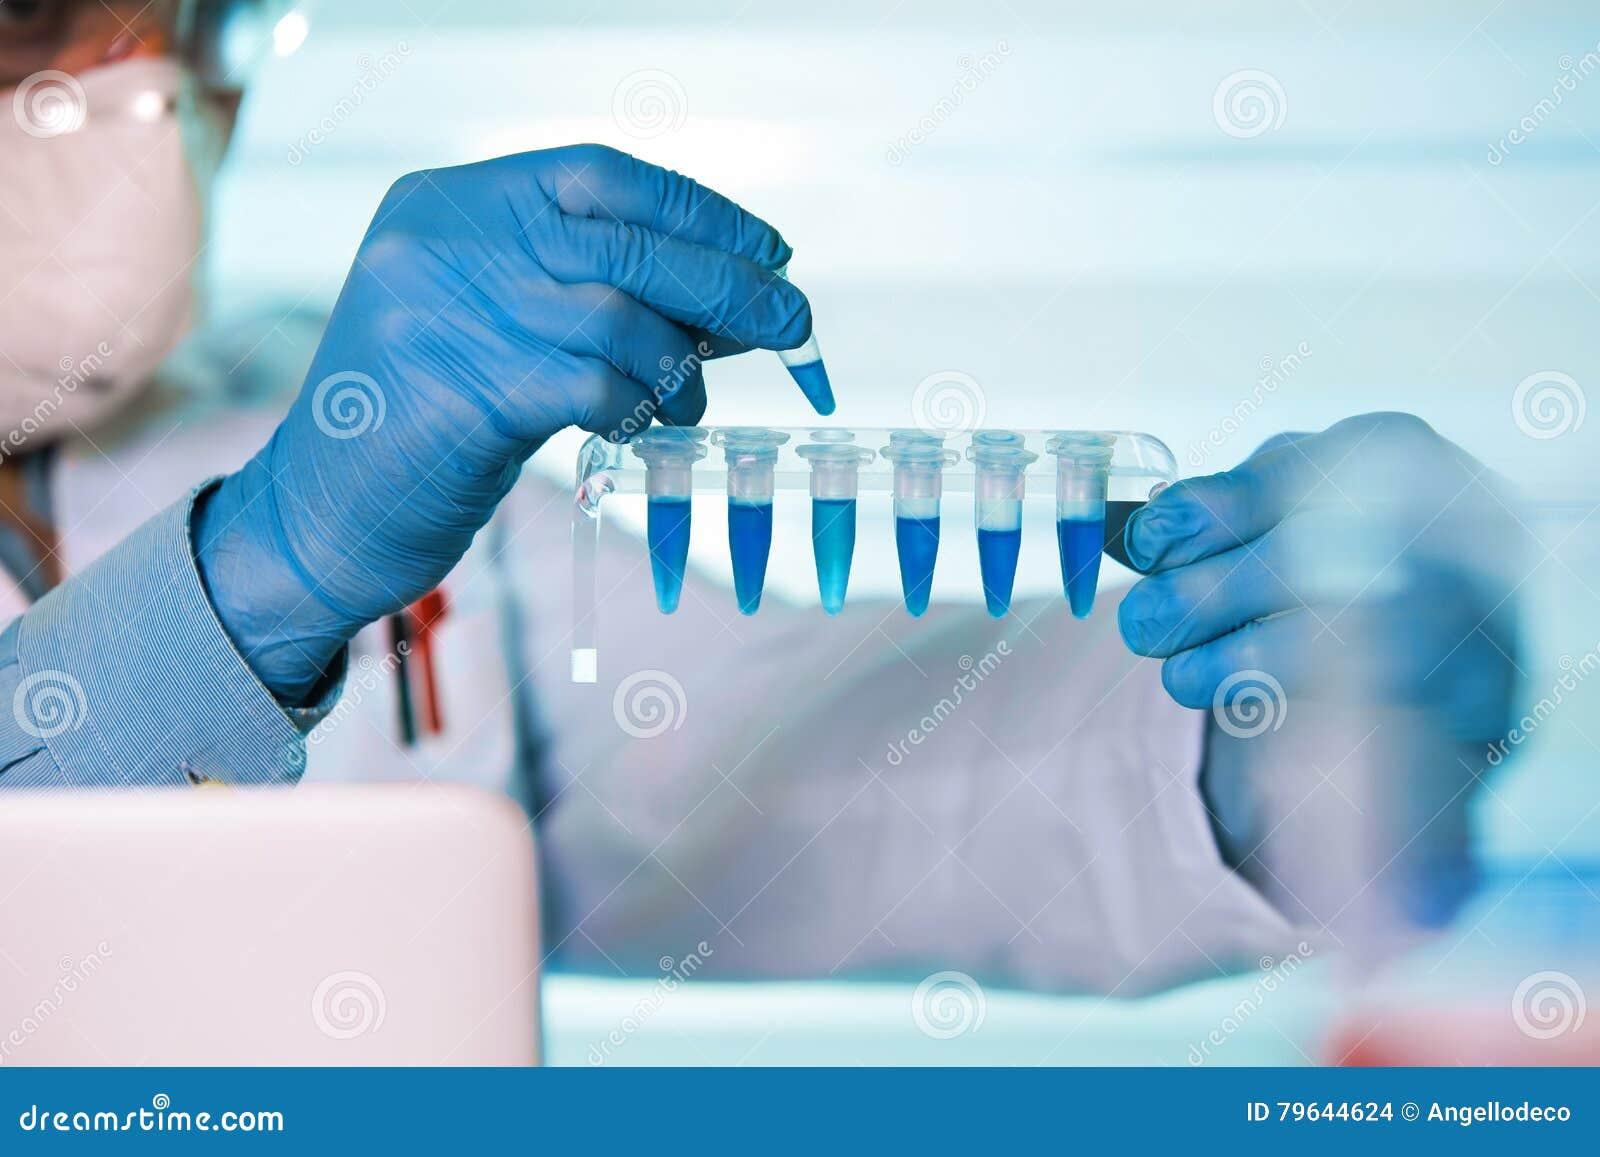 Mains du travail génétique de génie biomédical dans le laboratoire